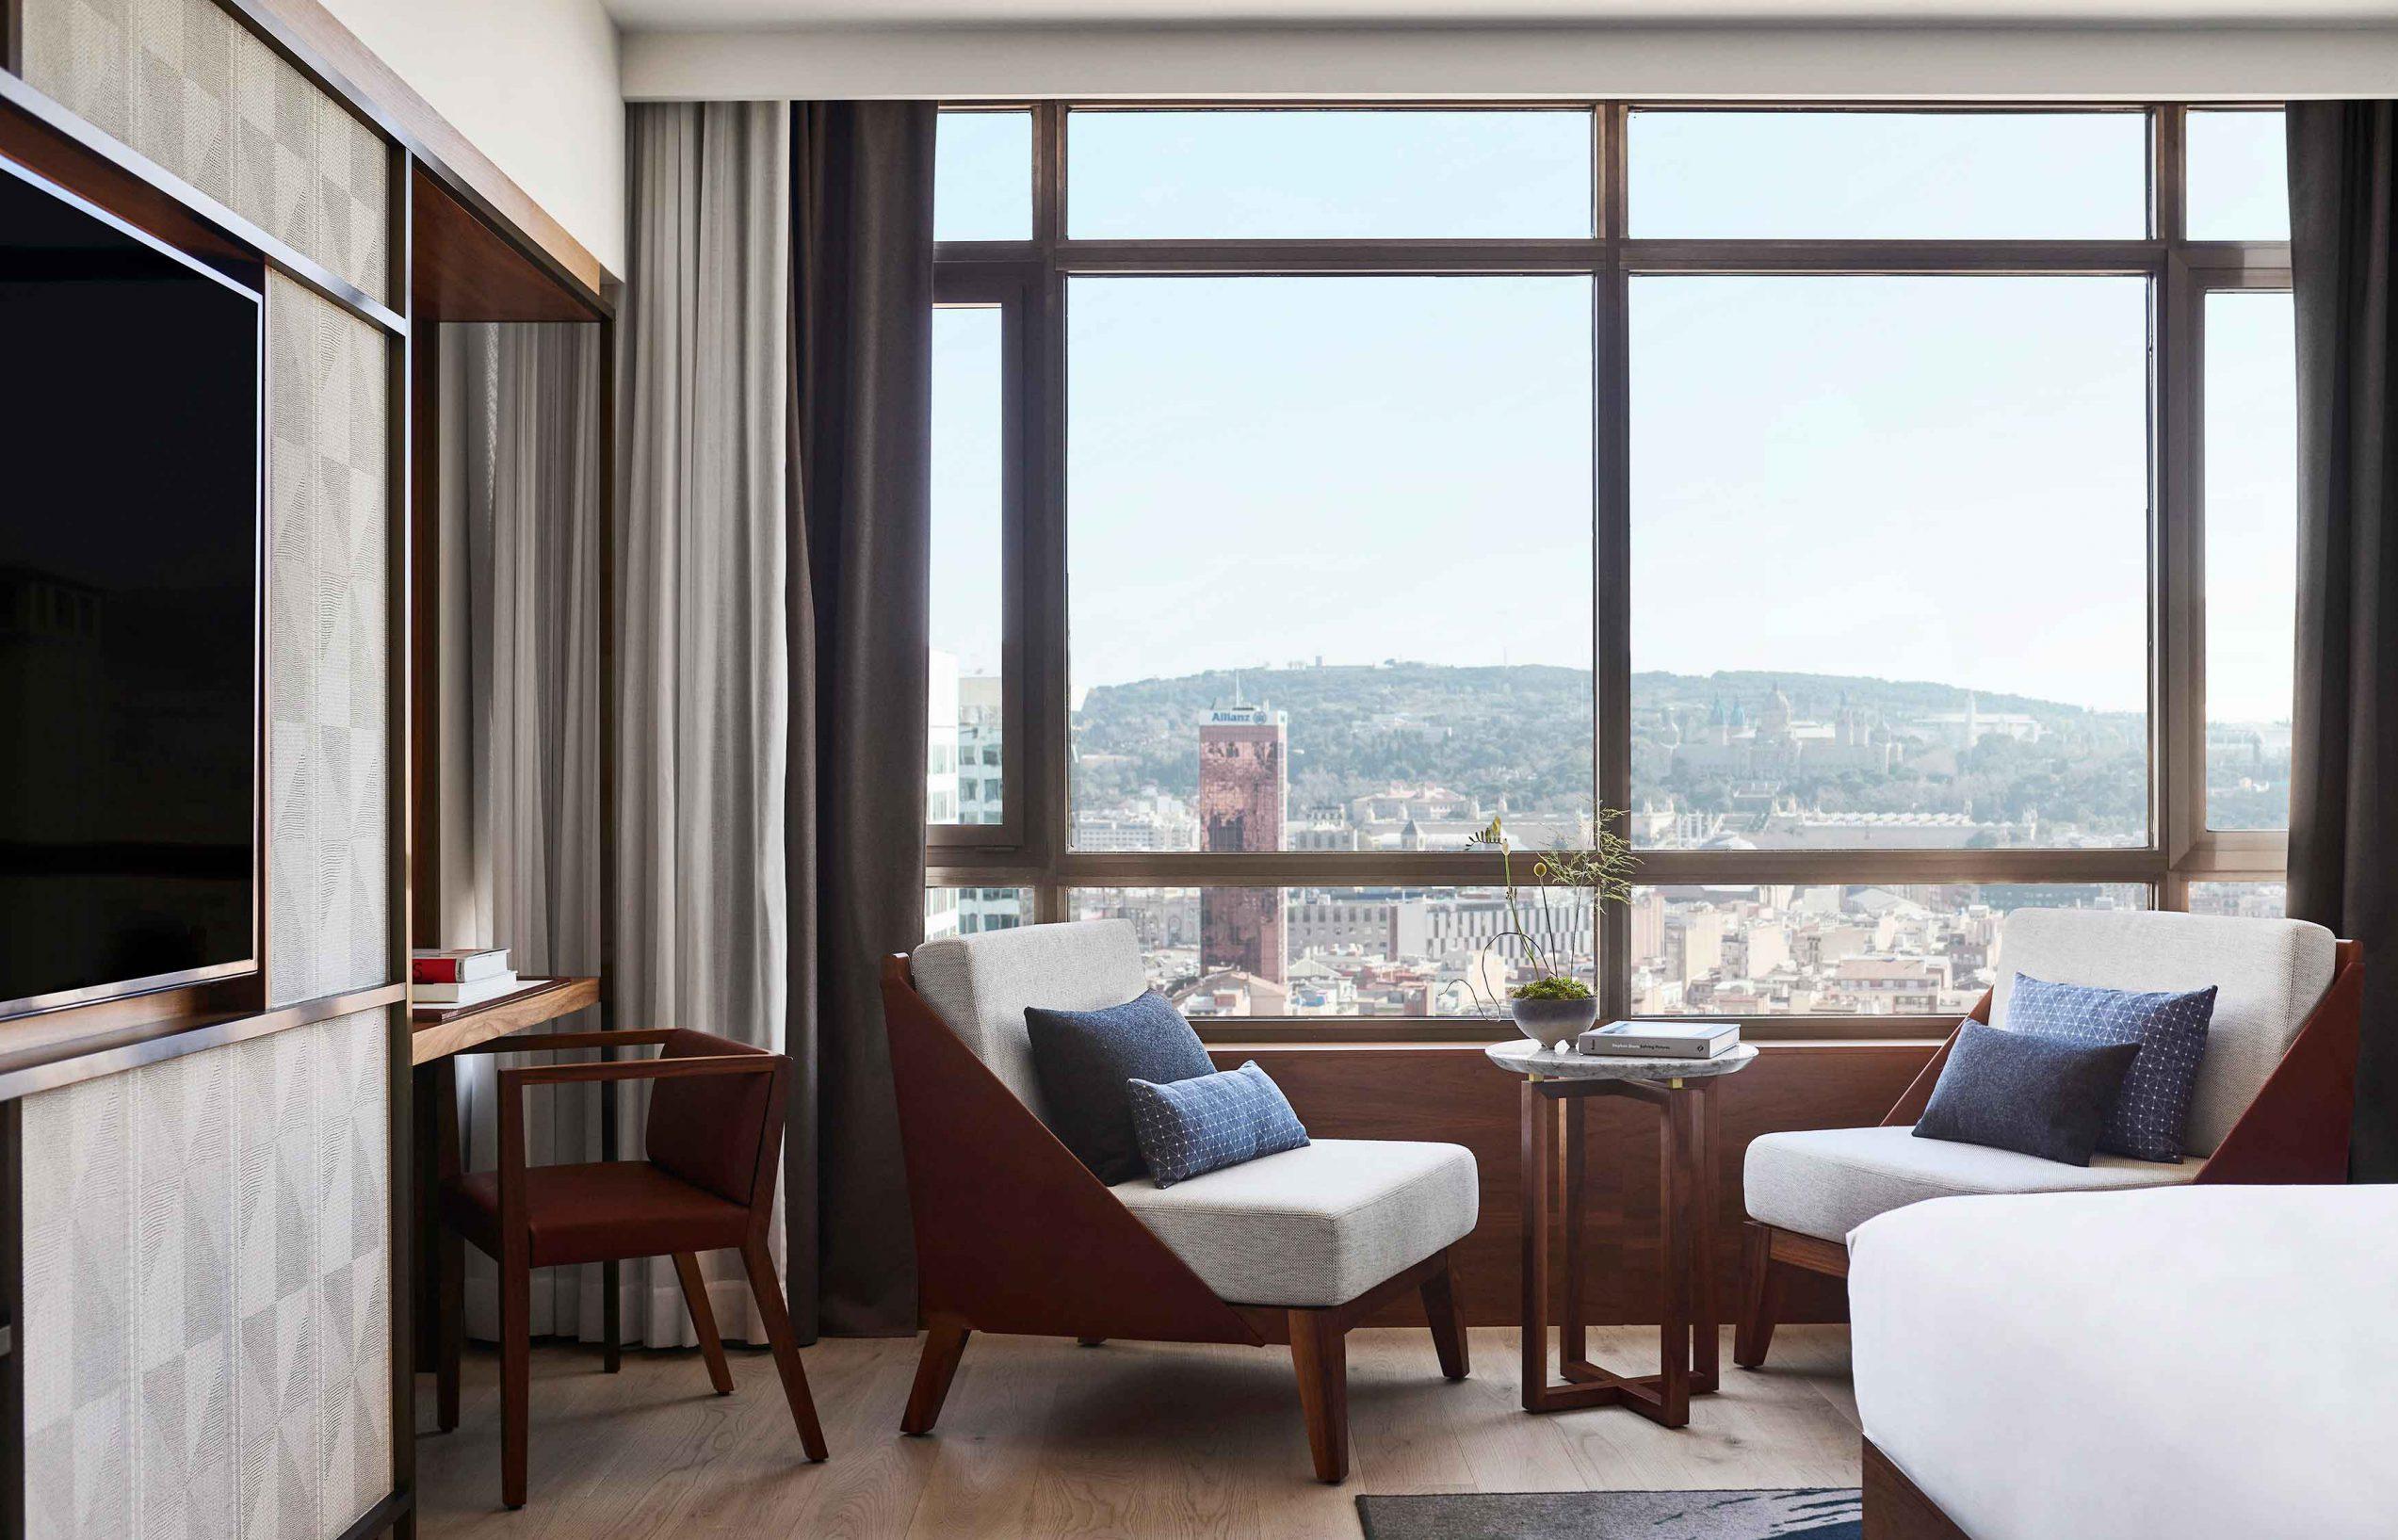 Испания. Отель Nobu Barcelona 5* Luxe. Раннее бронирование